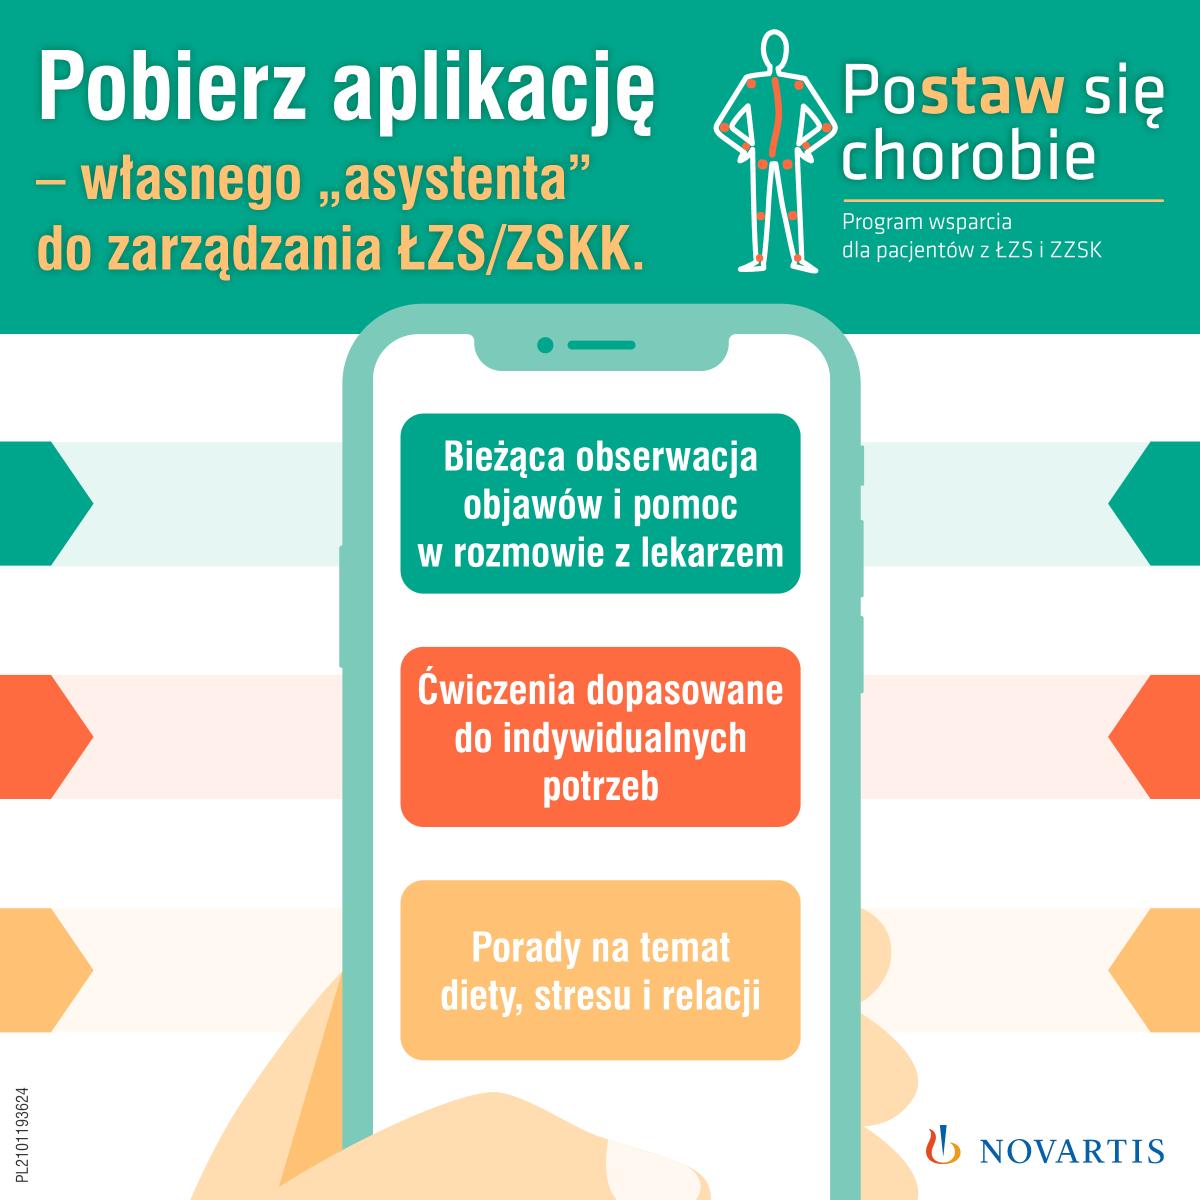 """Chorujesz na ŁZS lub ZZSK - Pobierz aplikację """"Postaw się chorobie""""!"""